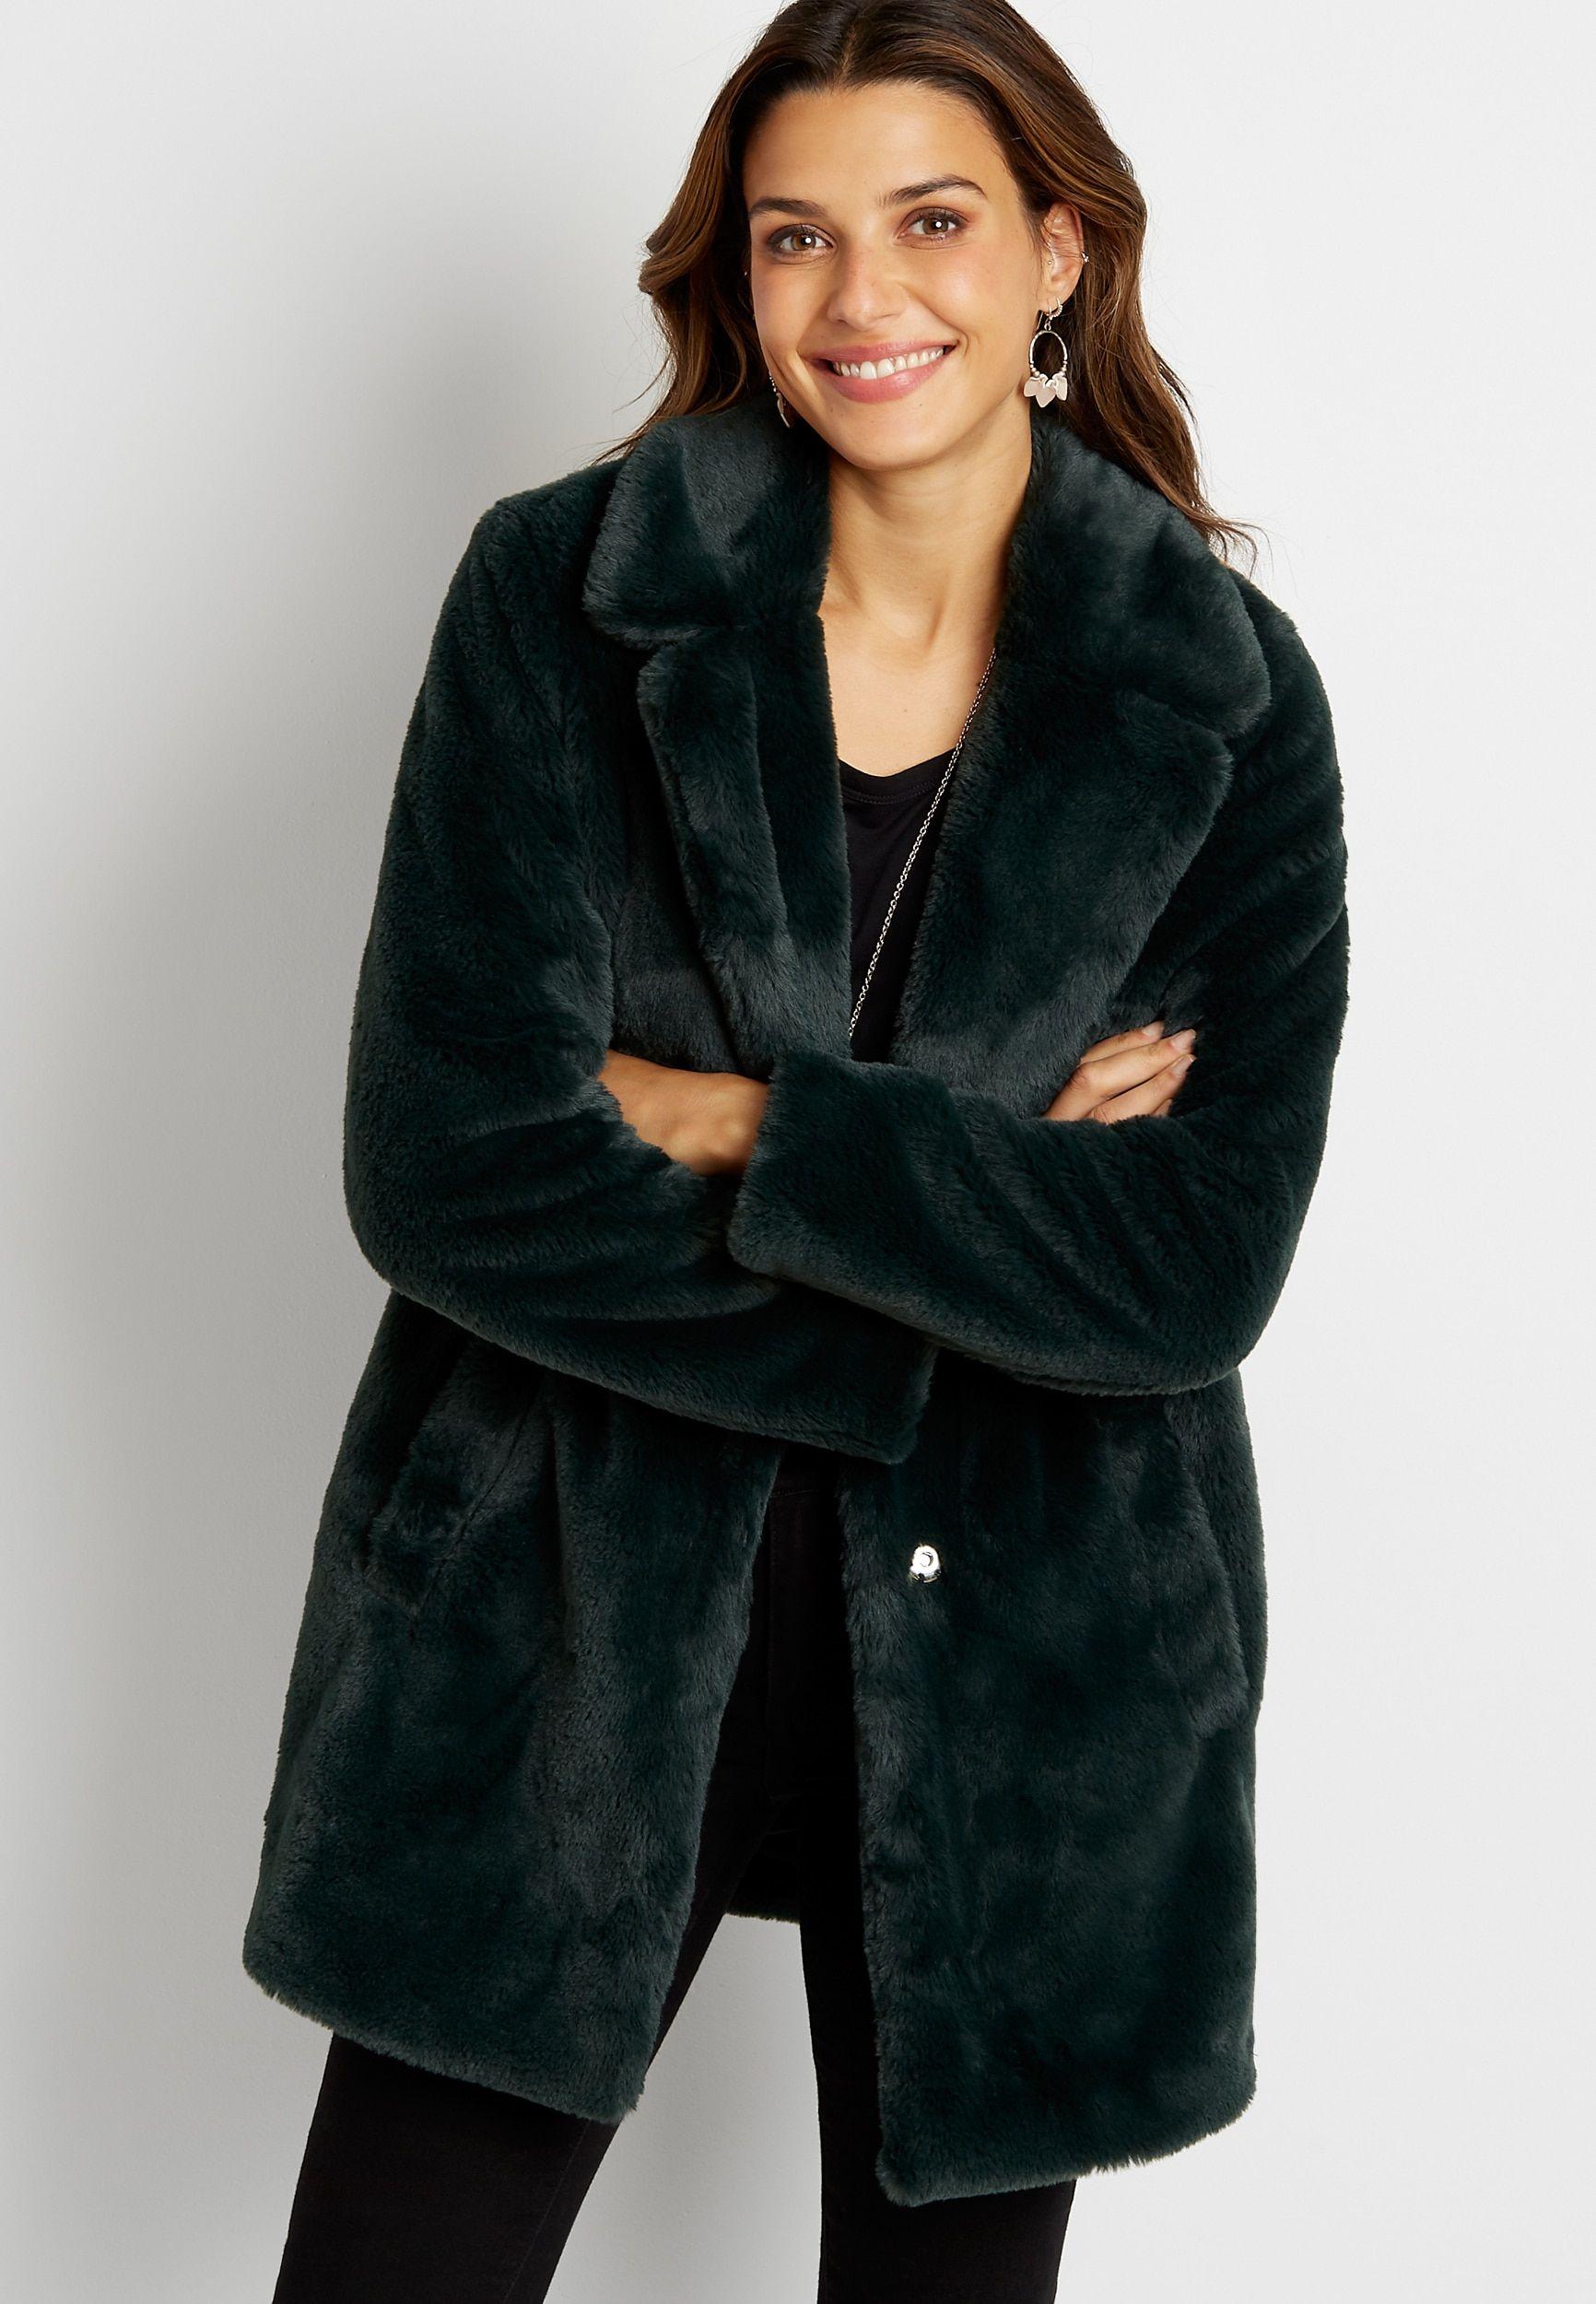 Dark Green Faux Fur Outerwear Jacket Faux Fur Outerwear Green Faux Fur Coat Fur Outerwear [ 2500 x 1732 Pixel ]